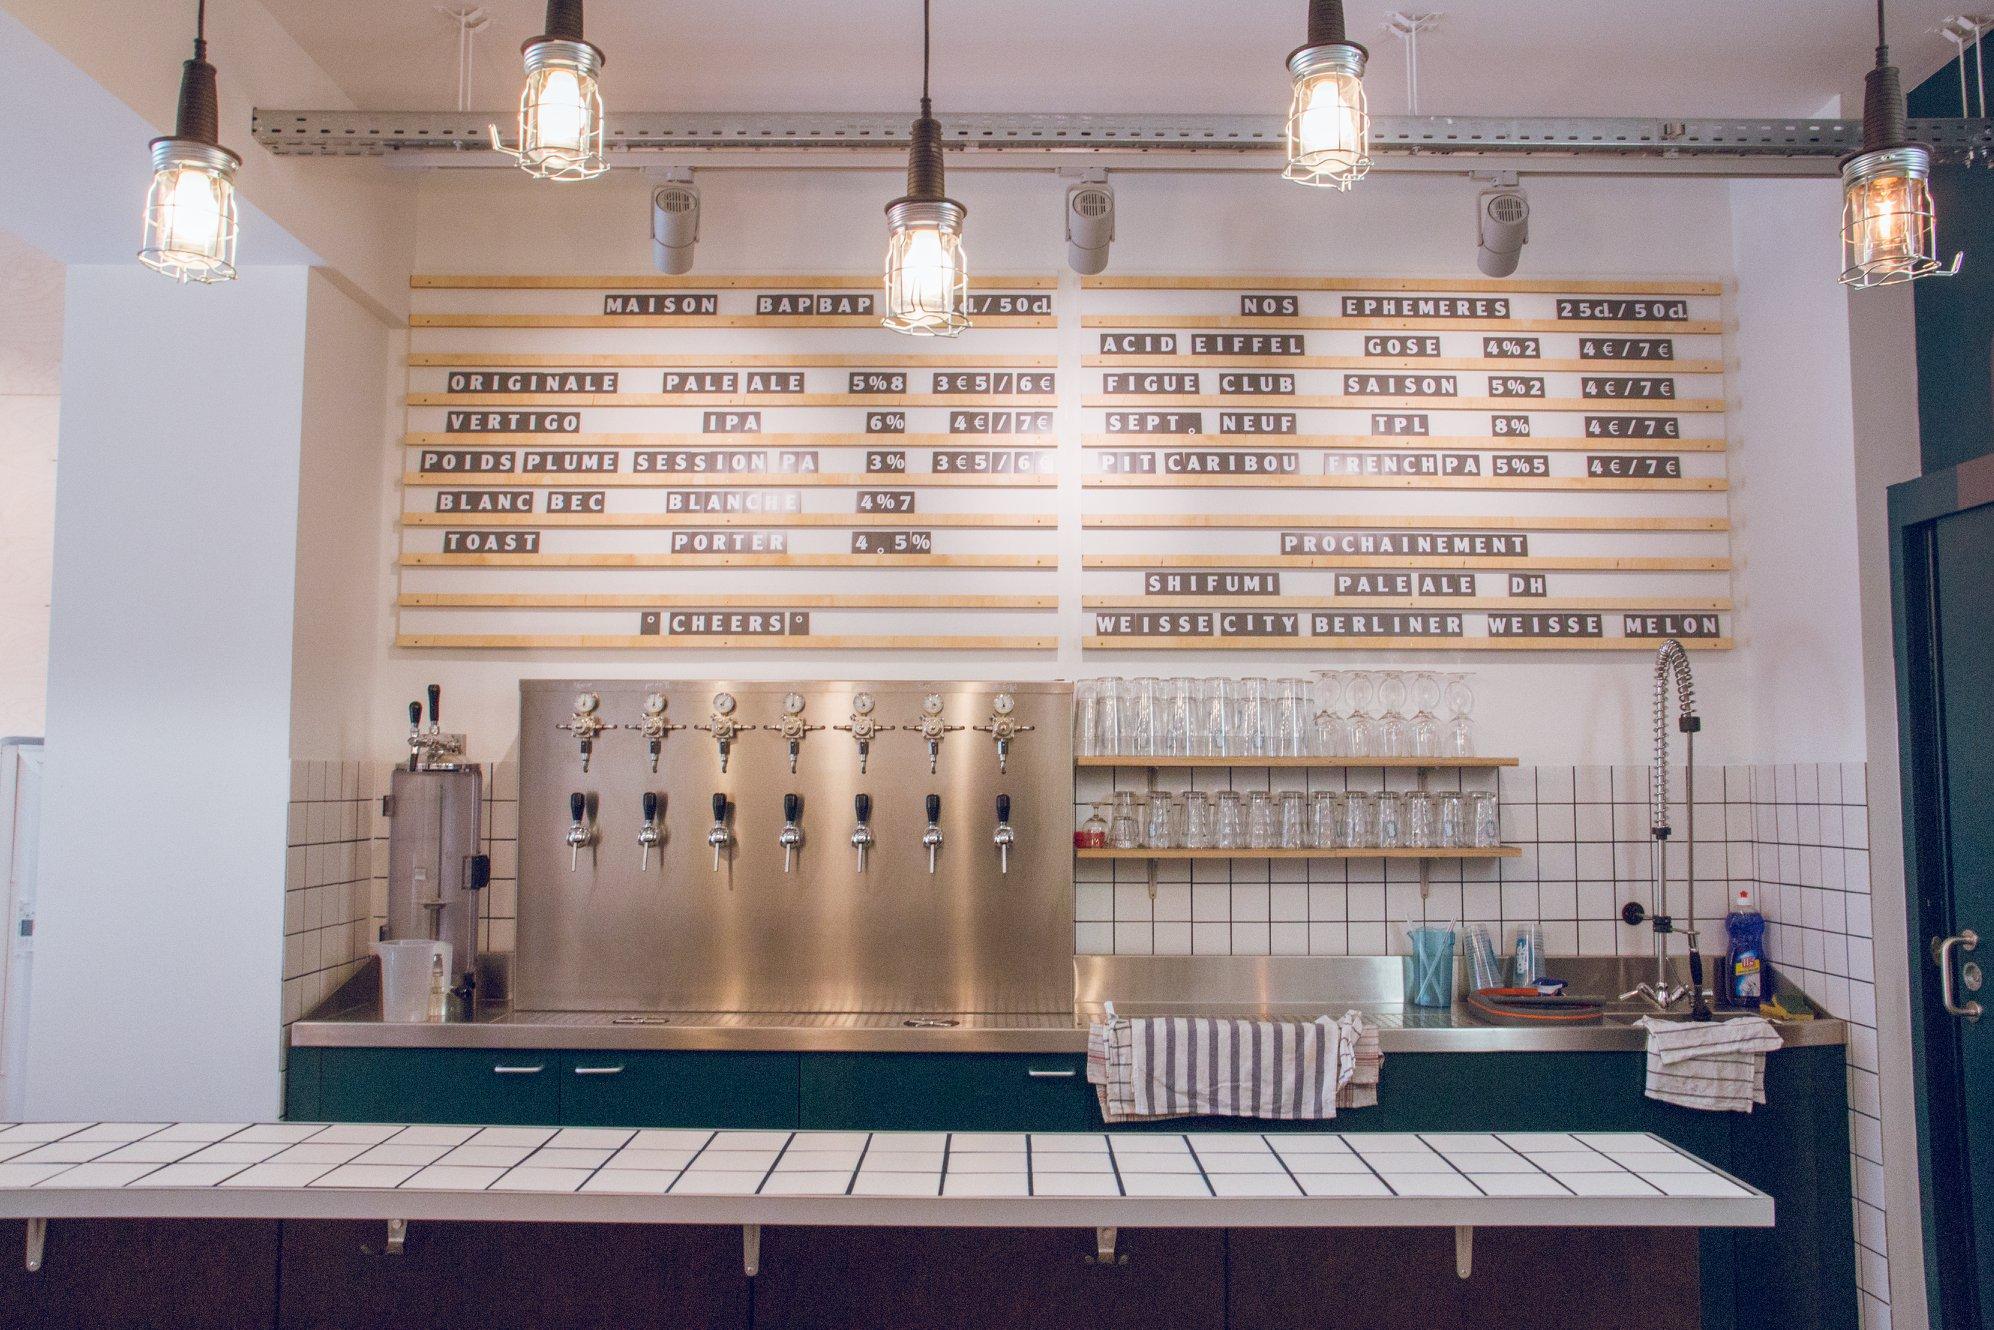 Maison BapBap - Taproom brasserie artisanale Paris 11eme arrondissement - Bar à bières